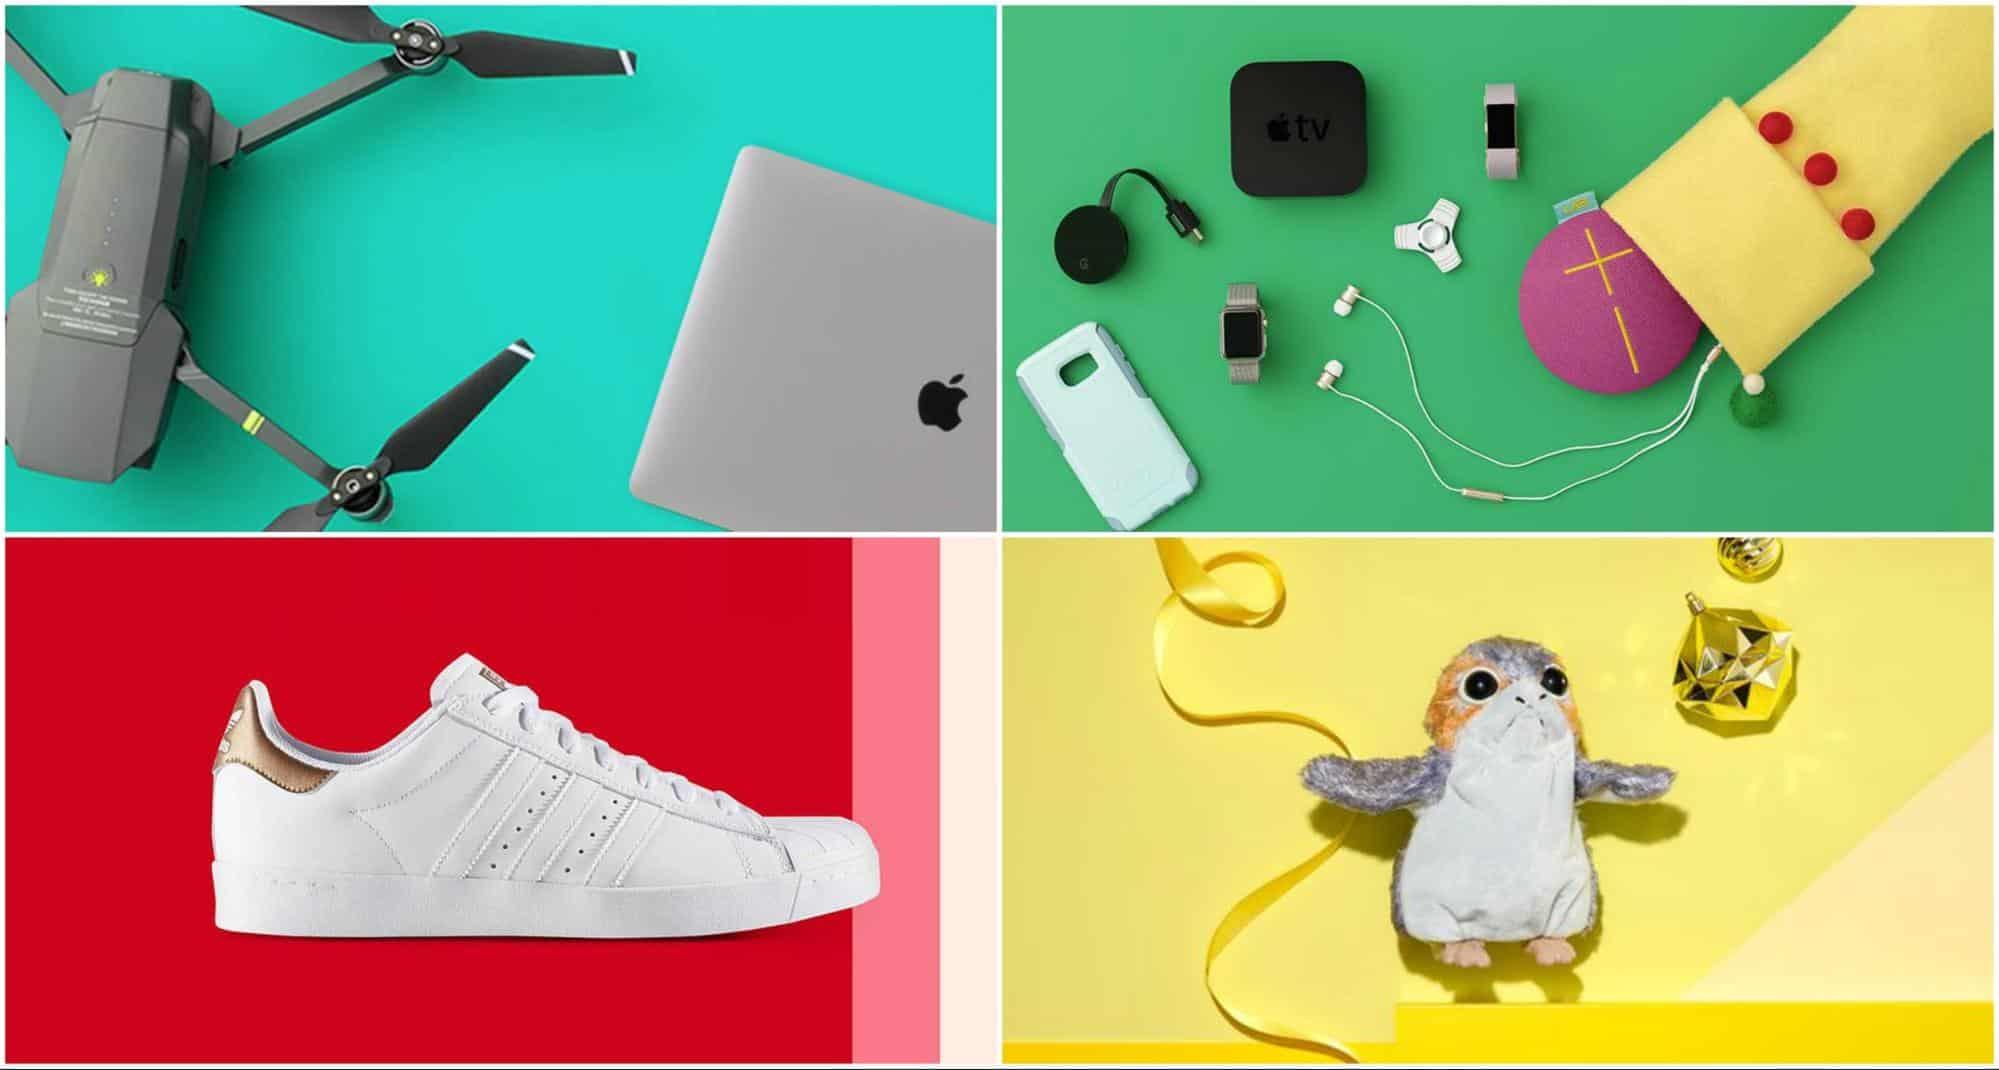 ebay-social-media-images